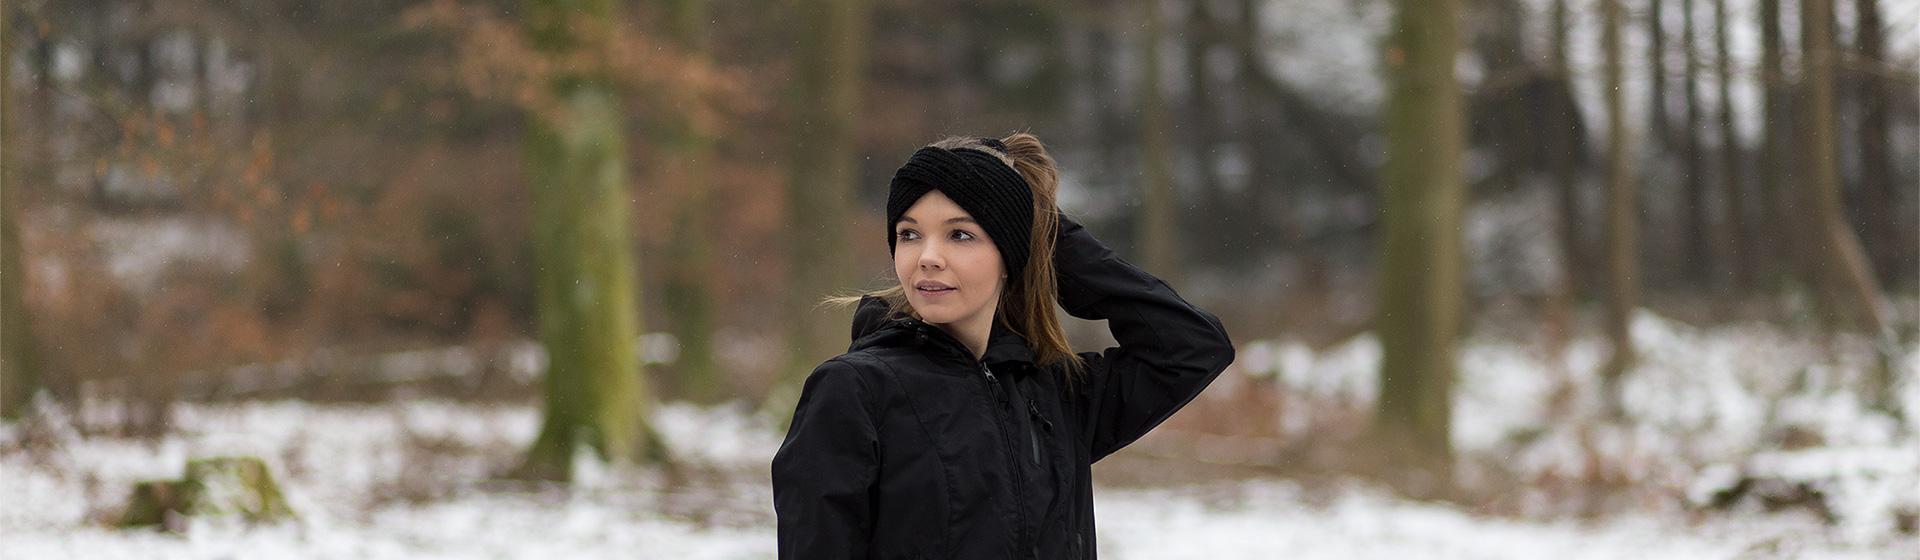 Joggen im Winter mit der richtigen Sportkleidung, Shoelove by Deichmann